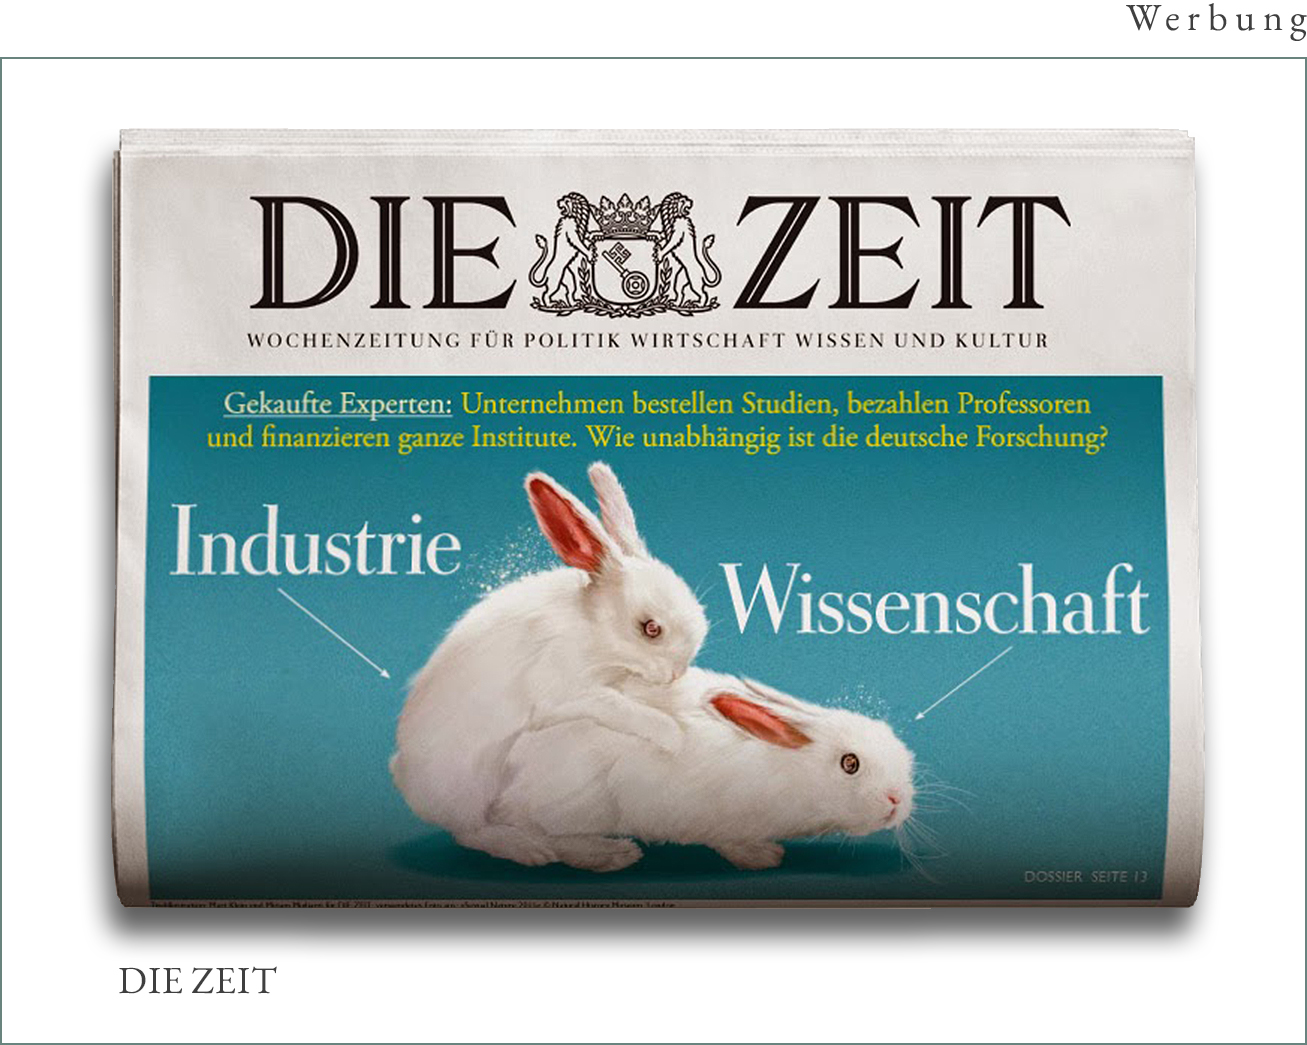 https://www.zeit.de/2013/32/index